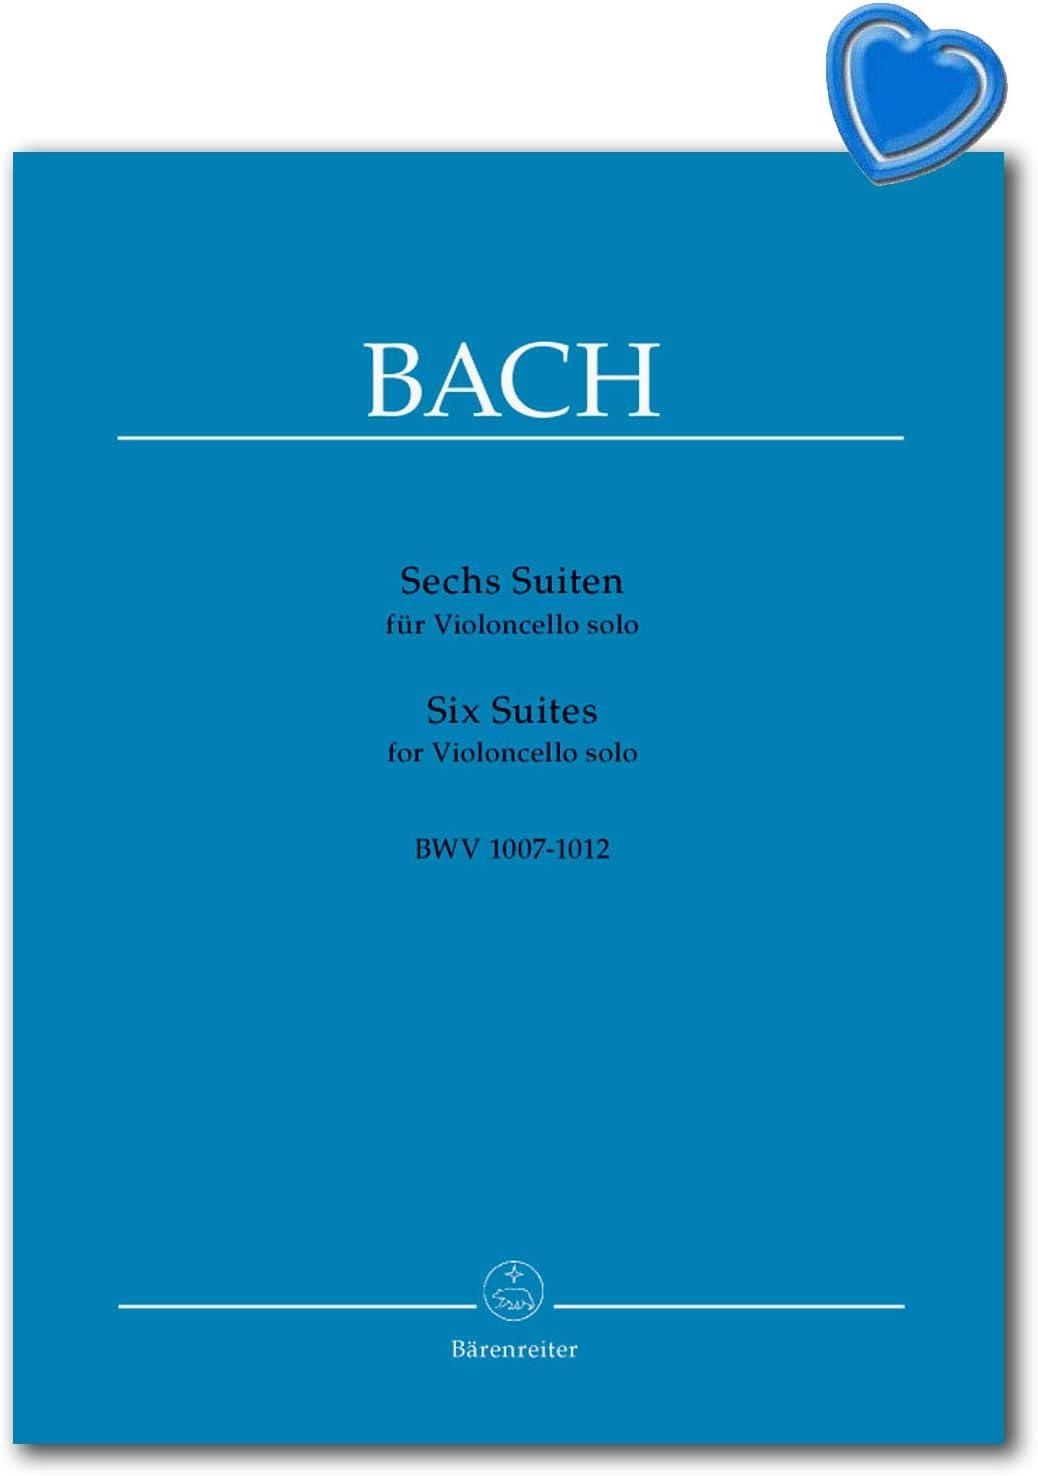 Bach 9790006401390 Seis Suiten para Violoncello solo BWV 1007-1012 - La edición estándar con denominaciones actuales - libro de partituras